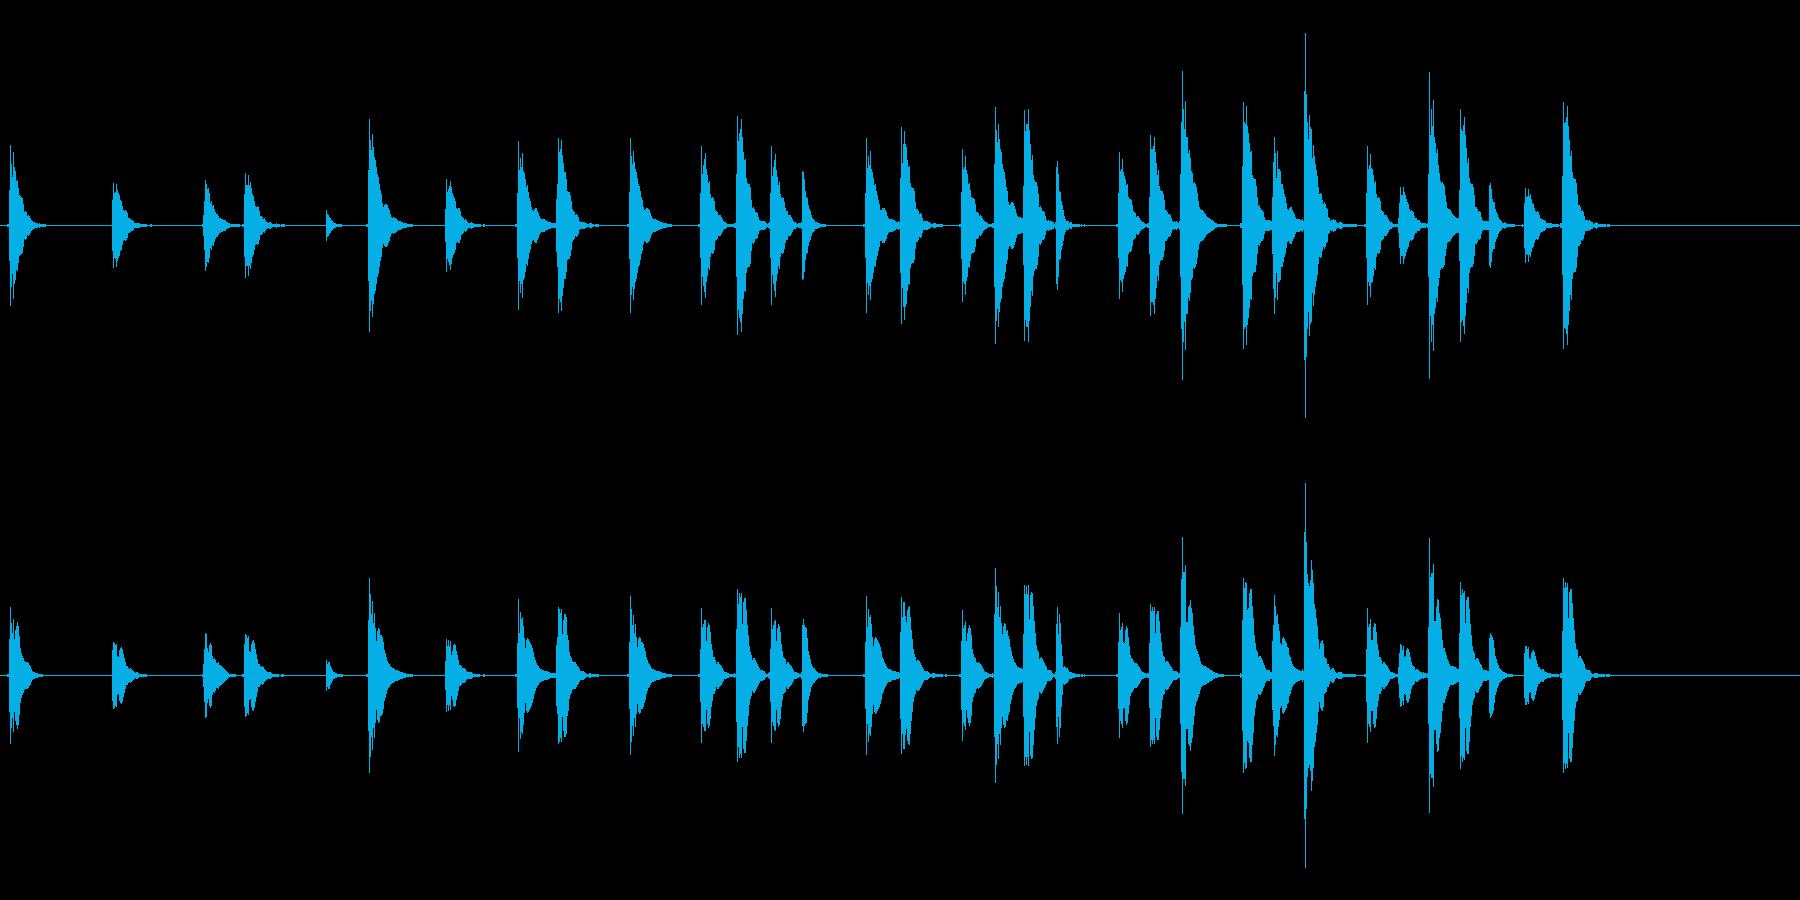 能や歌舞伎の小鼓(つづみ)のフレーズ音の再生済みの波形